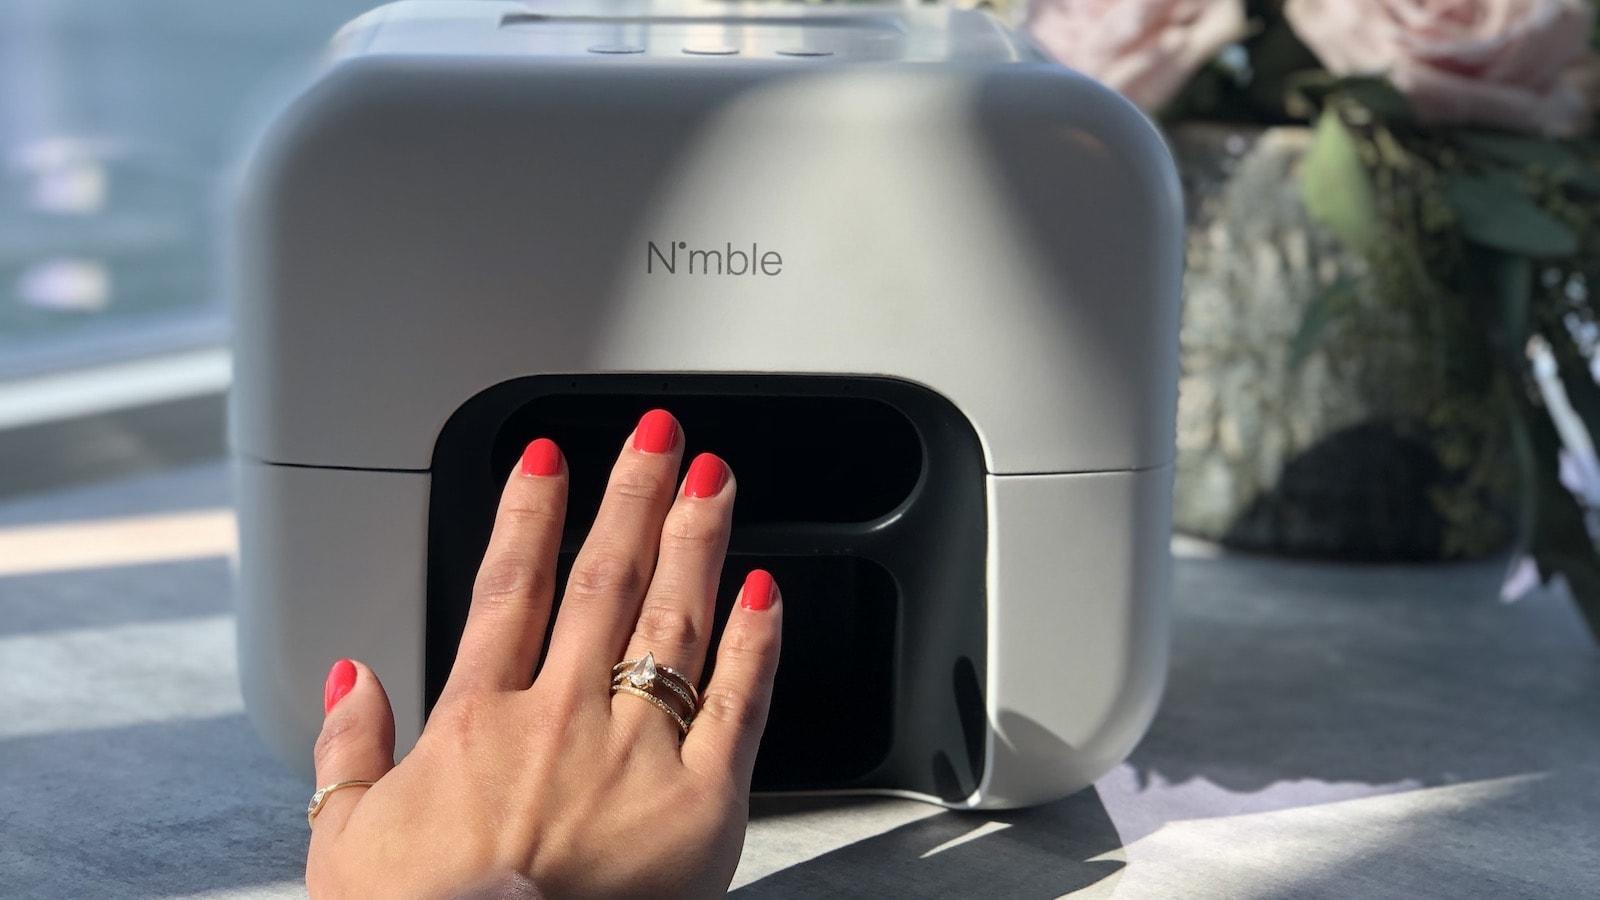 Nimble At-Home Nail Painter